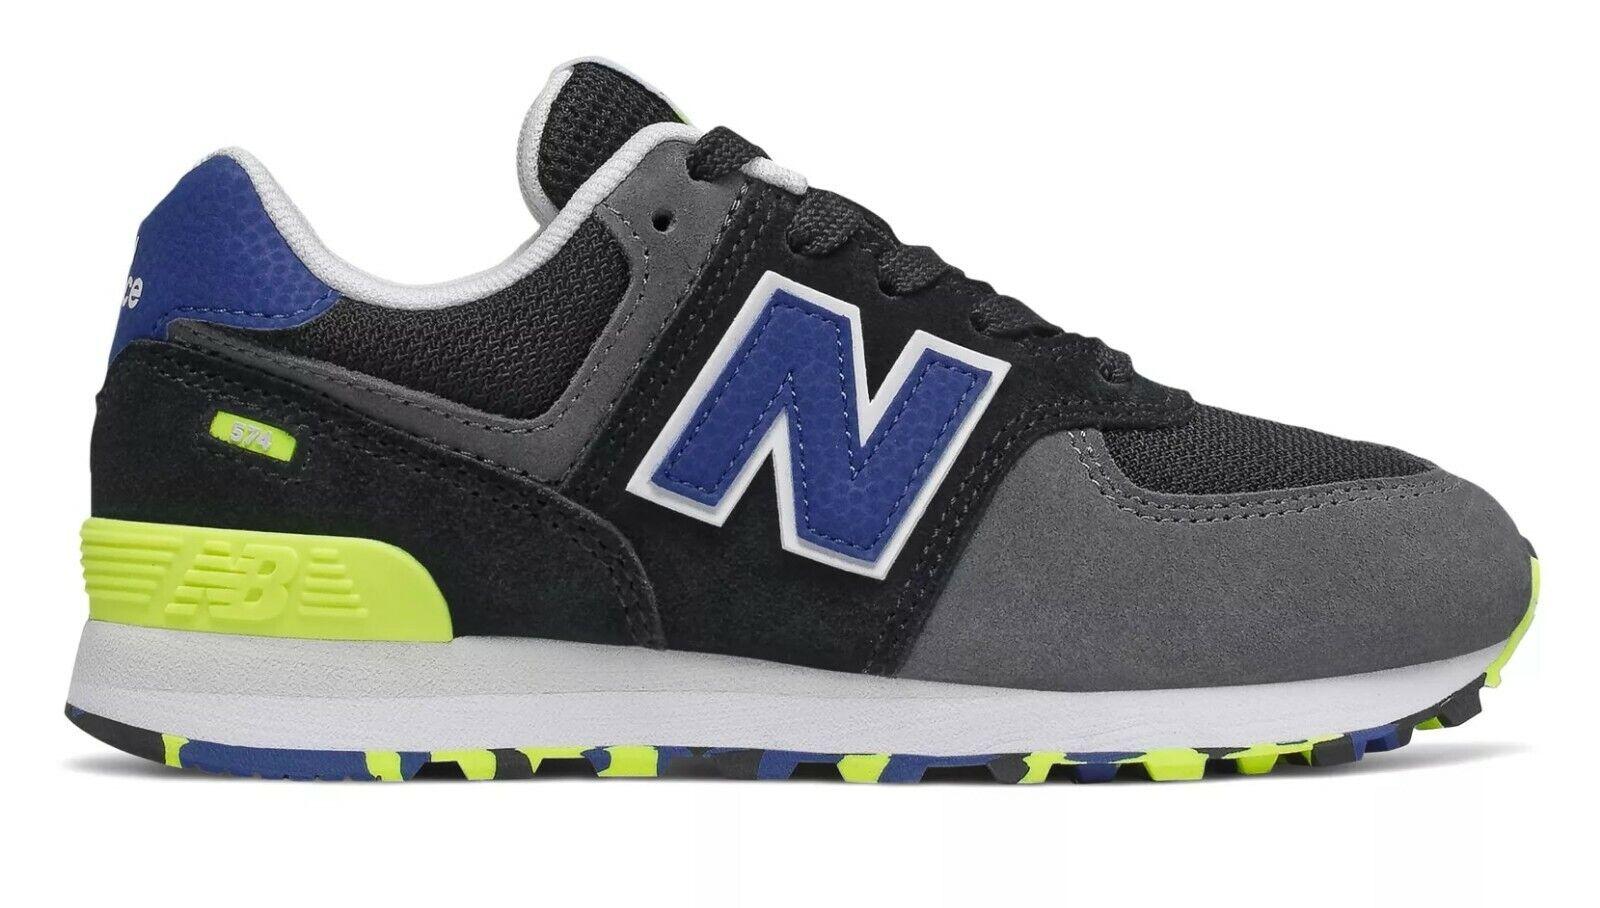 NEW BALANCE 574 UJC UJC UJC negro negro zapatos zapatos zapatos zapatos ZAPATOS UNISEX  producto de calidad